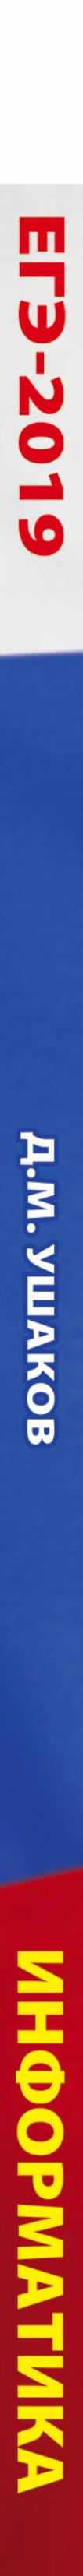 ЕГЭ-2019. Информатика. 10 тренировочных вариантов экзаменационных работ для подготовки к ЕГЭ. Д. М. Ушаков